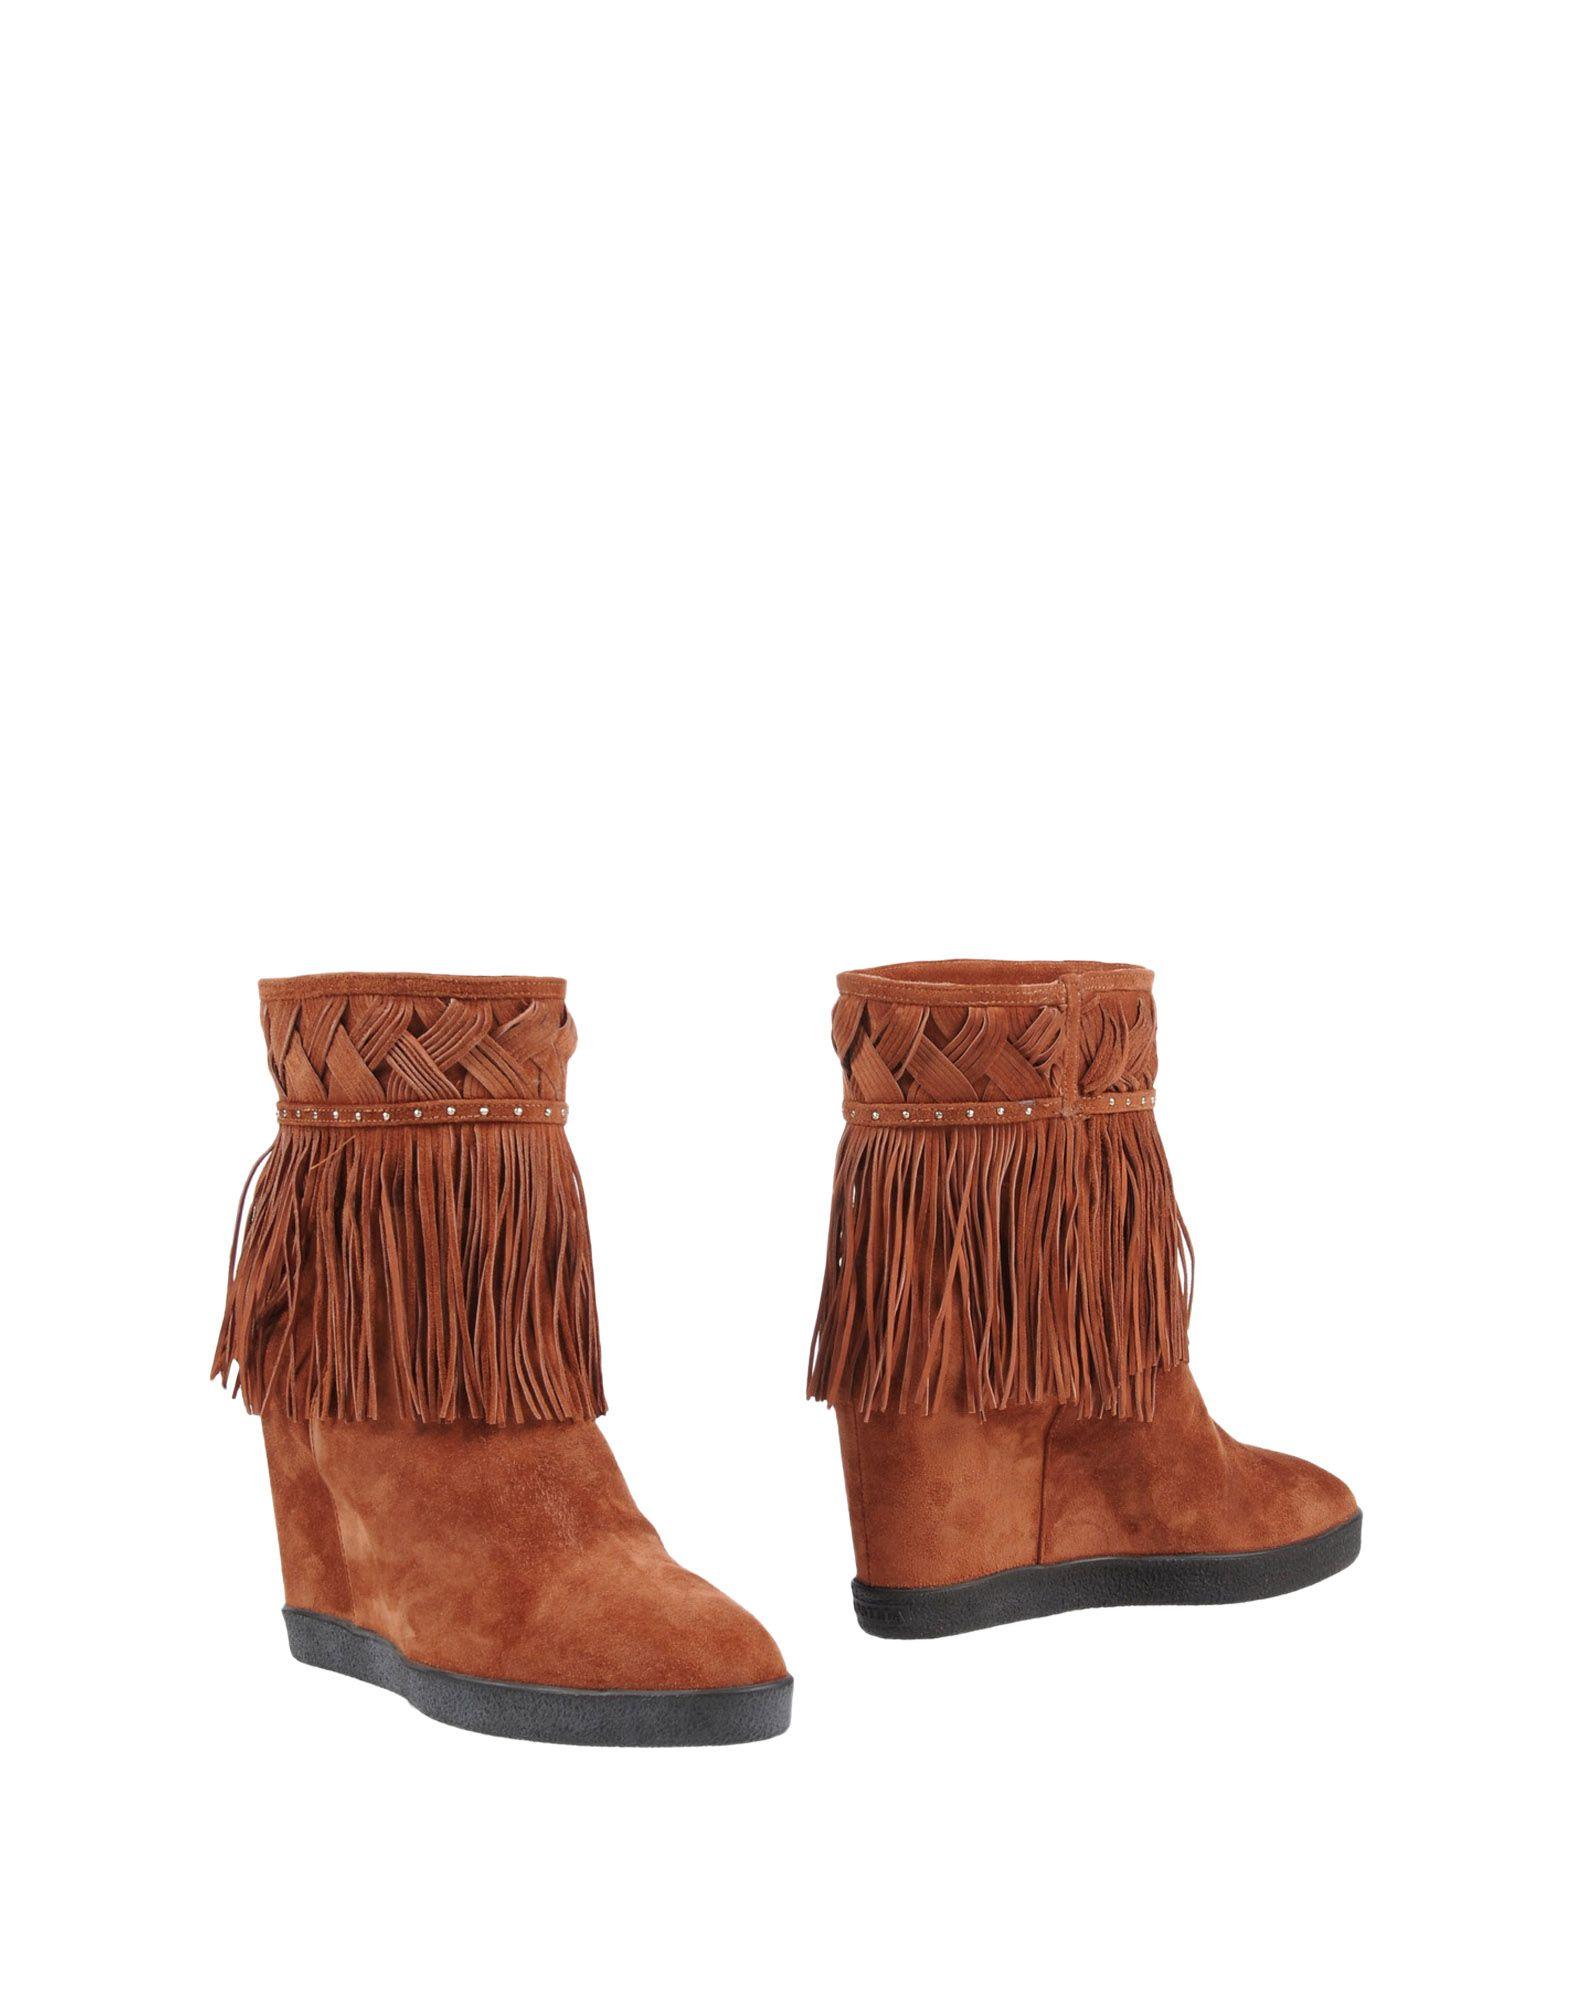 Le Silla Stiefelette Damen  11437124EIGünstige gut aussehende Schuhe